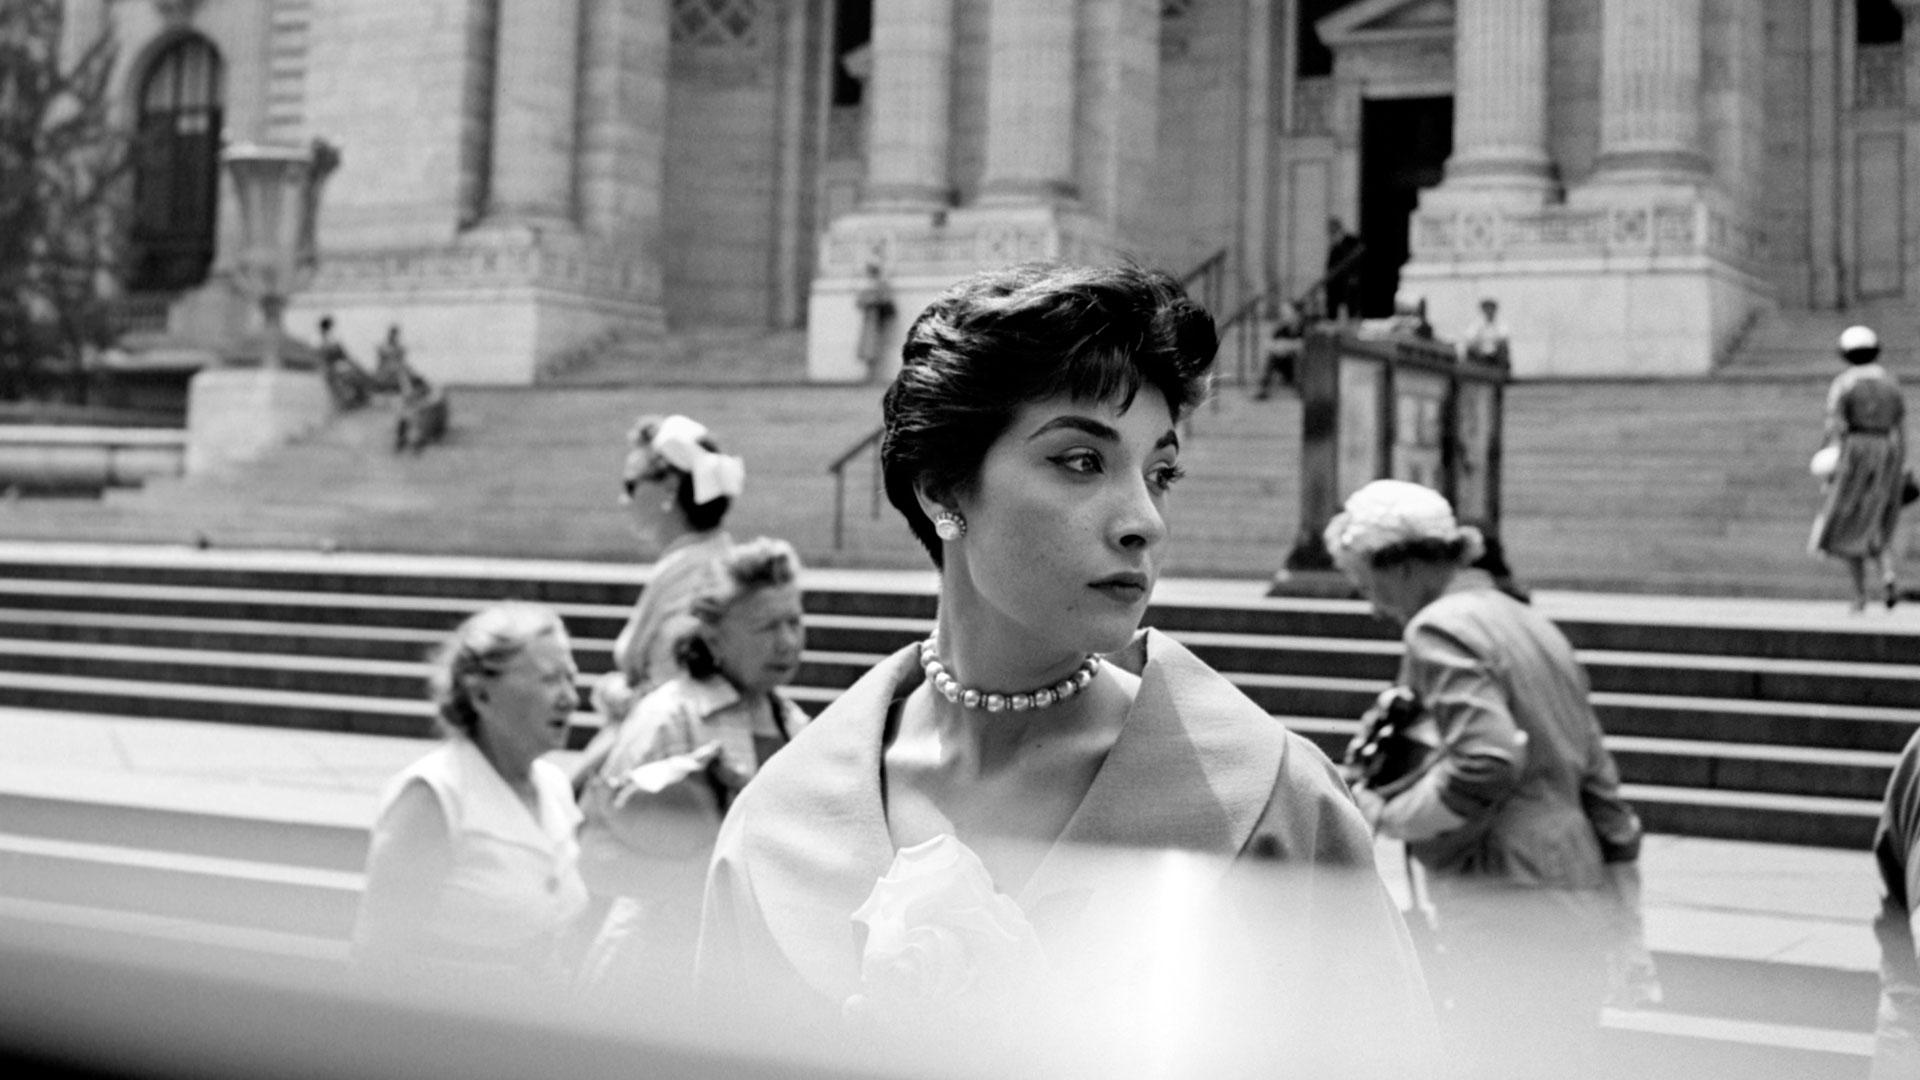 Finding Vivian Maier hero asset